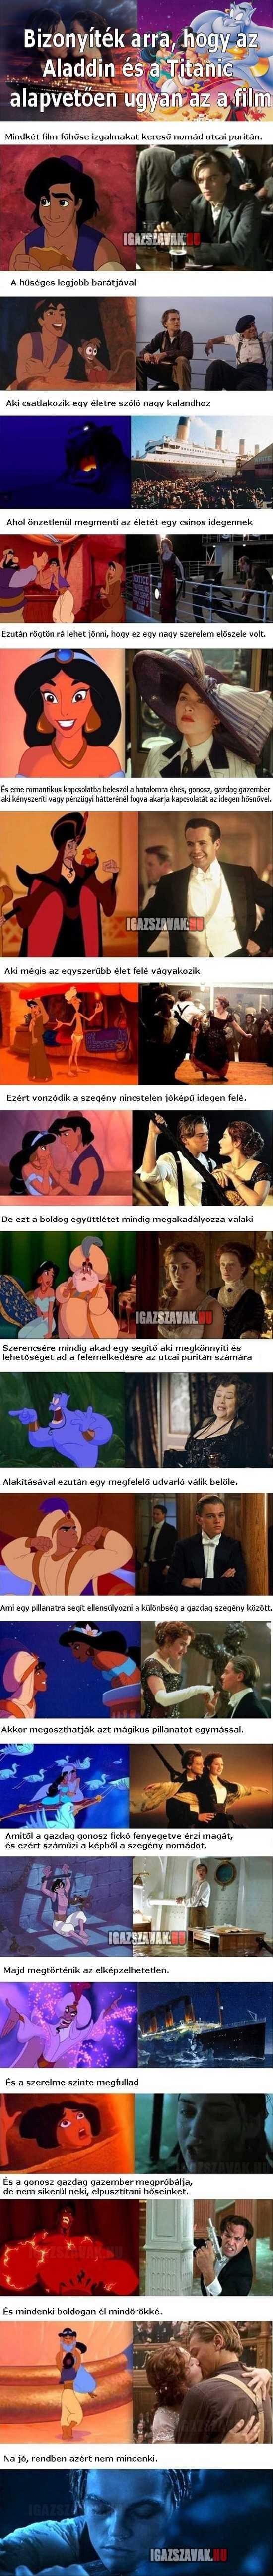 bizonyíték arra, hogy az Aladdin és a Titanic alapvetően ugyan az a film